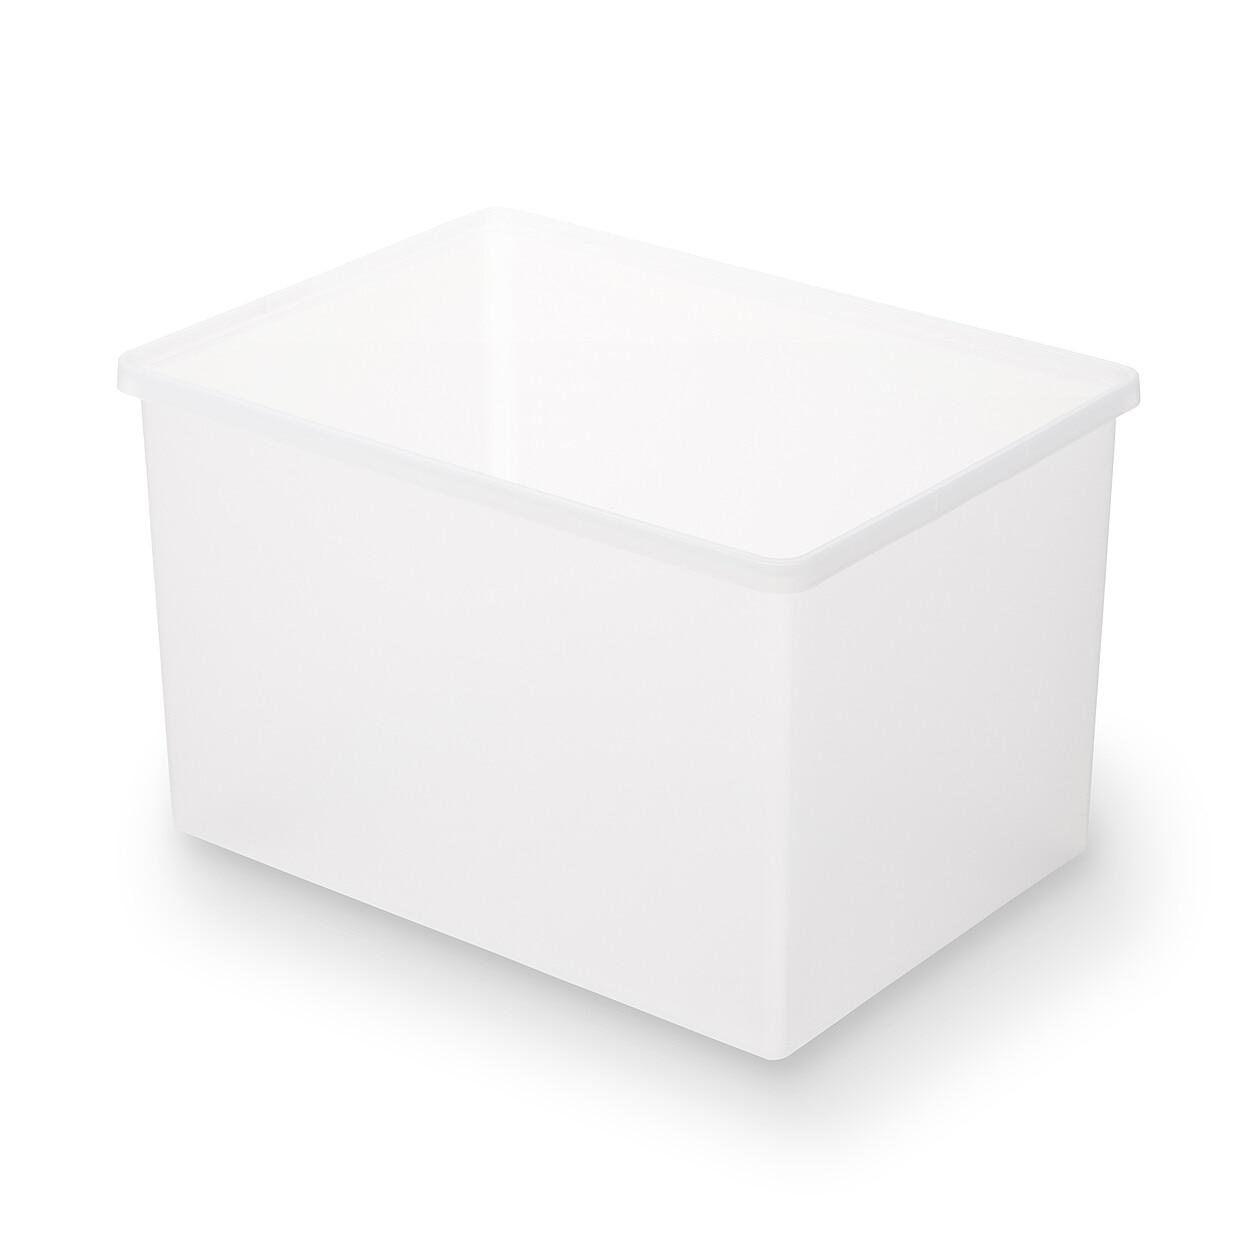 ポリプロピレン収納ボックス・ワイド・深